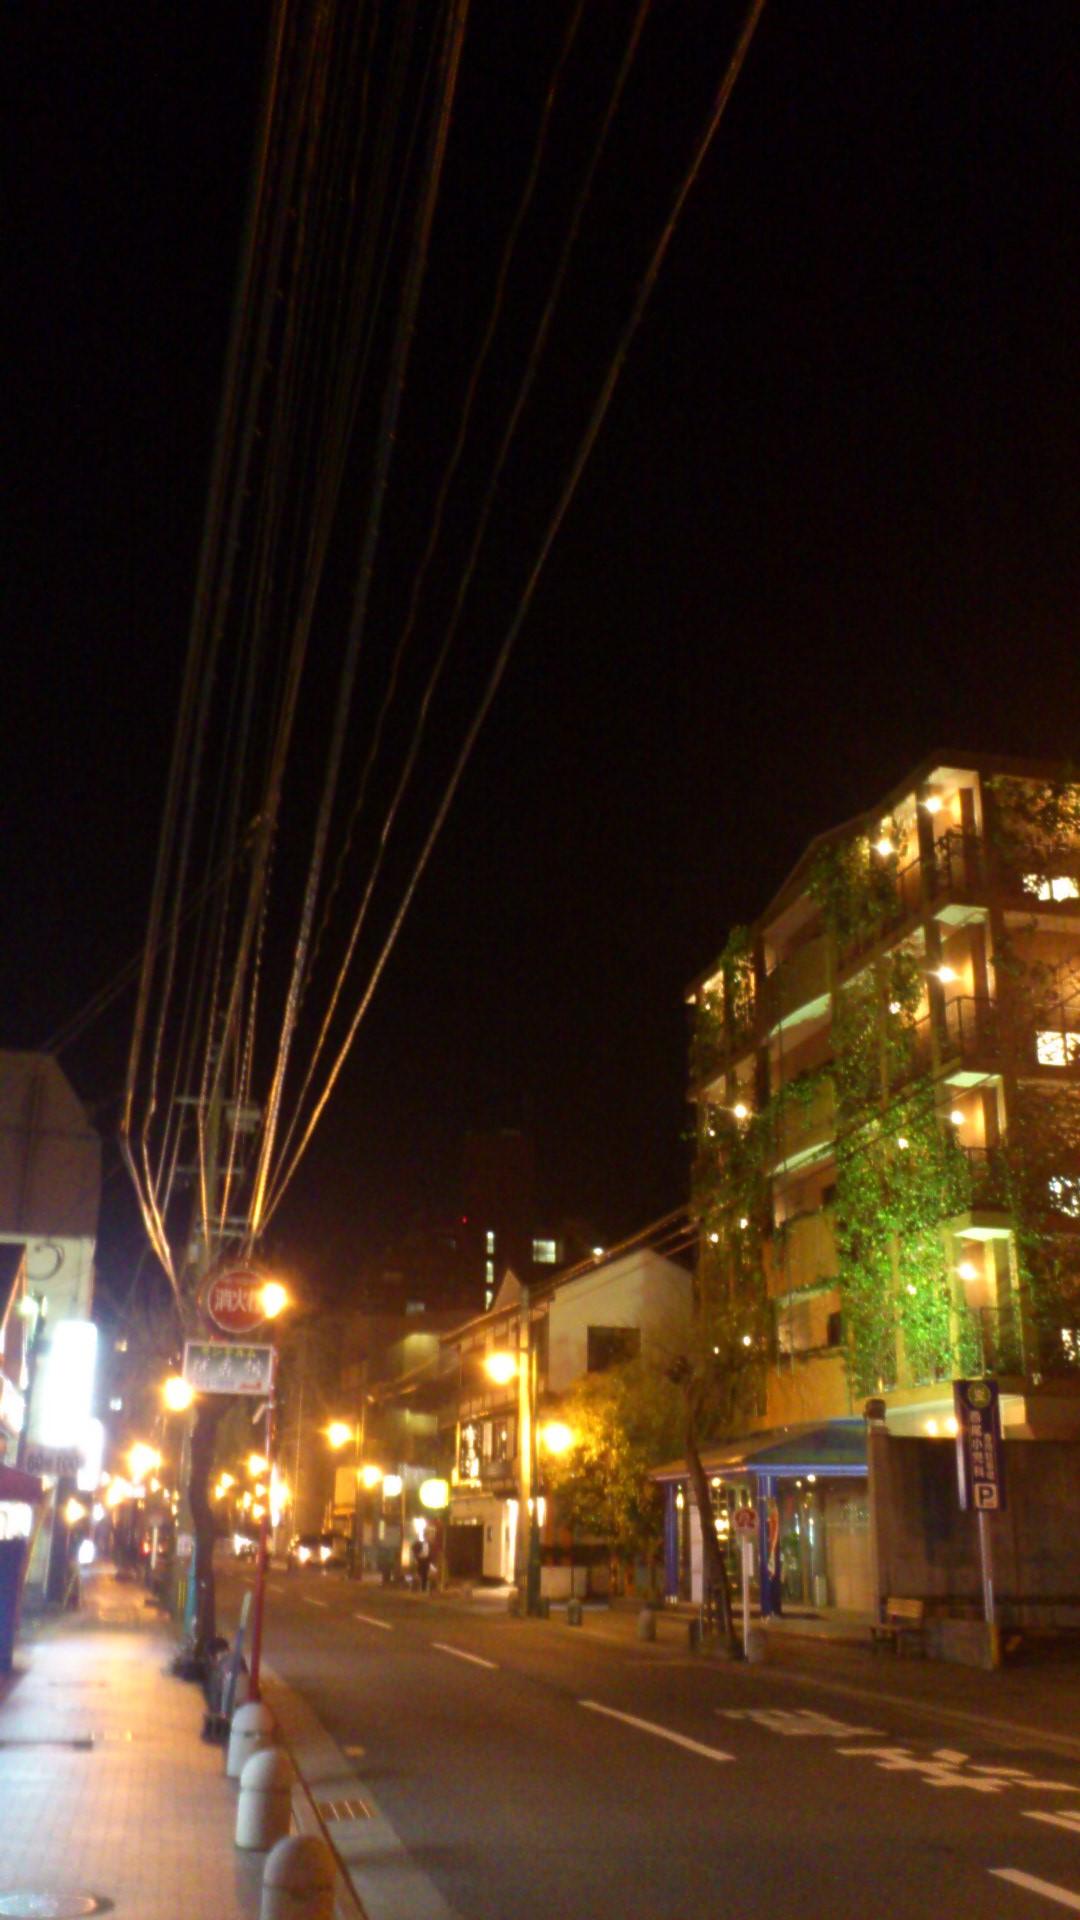 chikushii-onsenDSC_2586.jpg